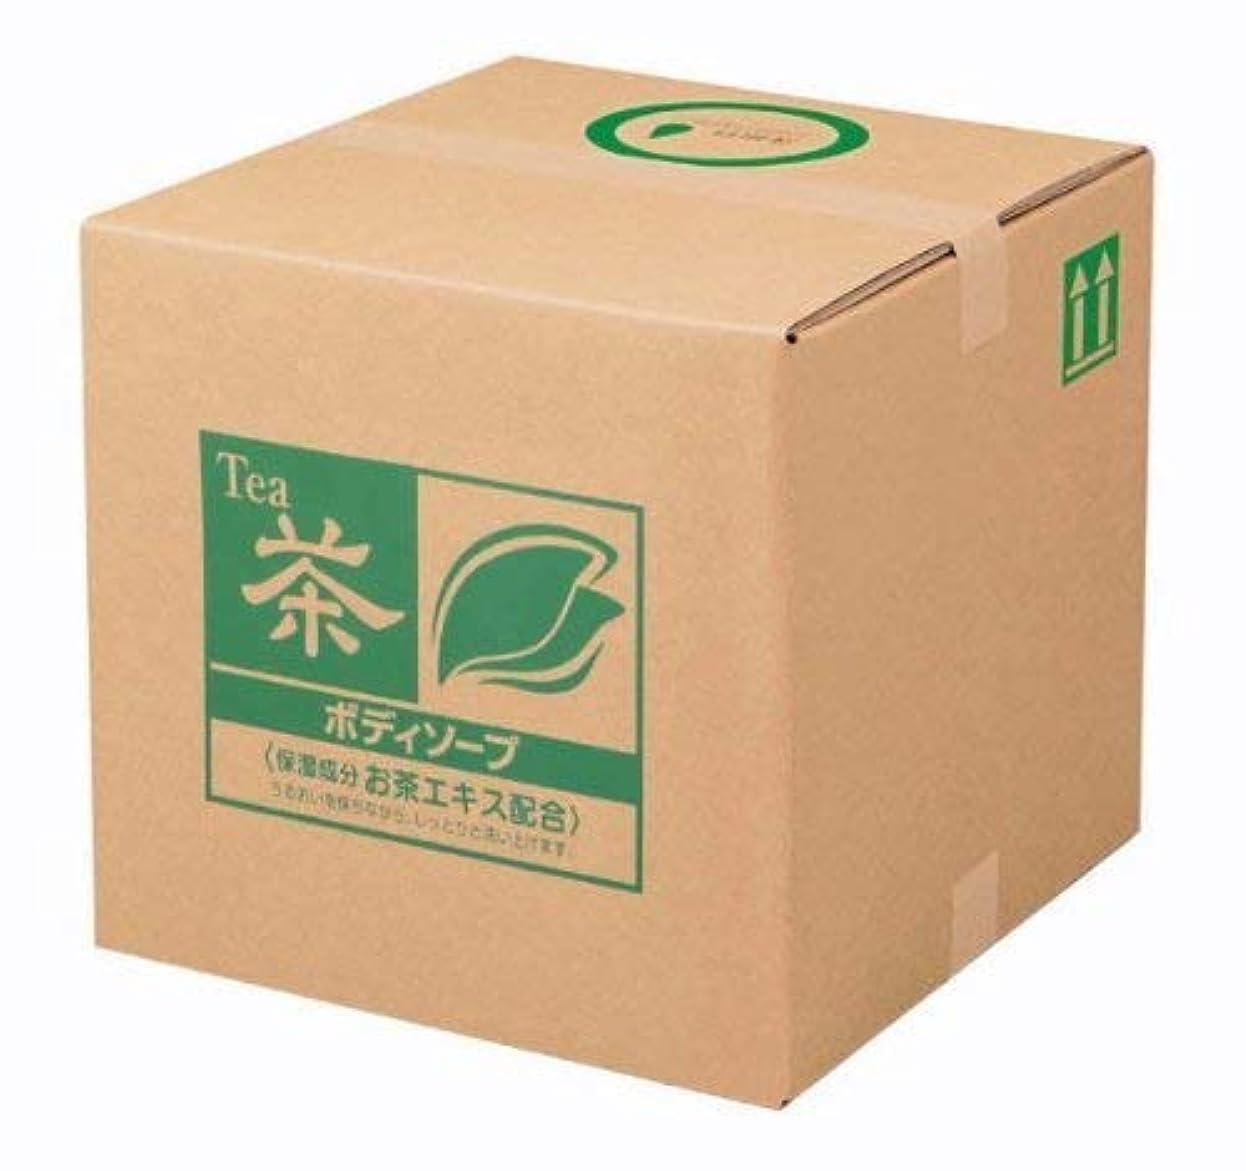 ライブエクスタシー続ける業務用 SCRITT(スクリット) お茶 ボディソープ 18L 熊野油脂 (コック付き)